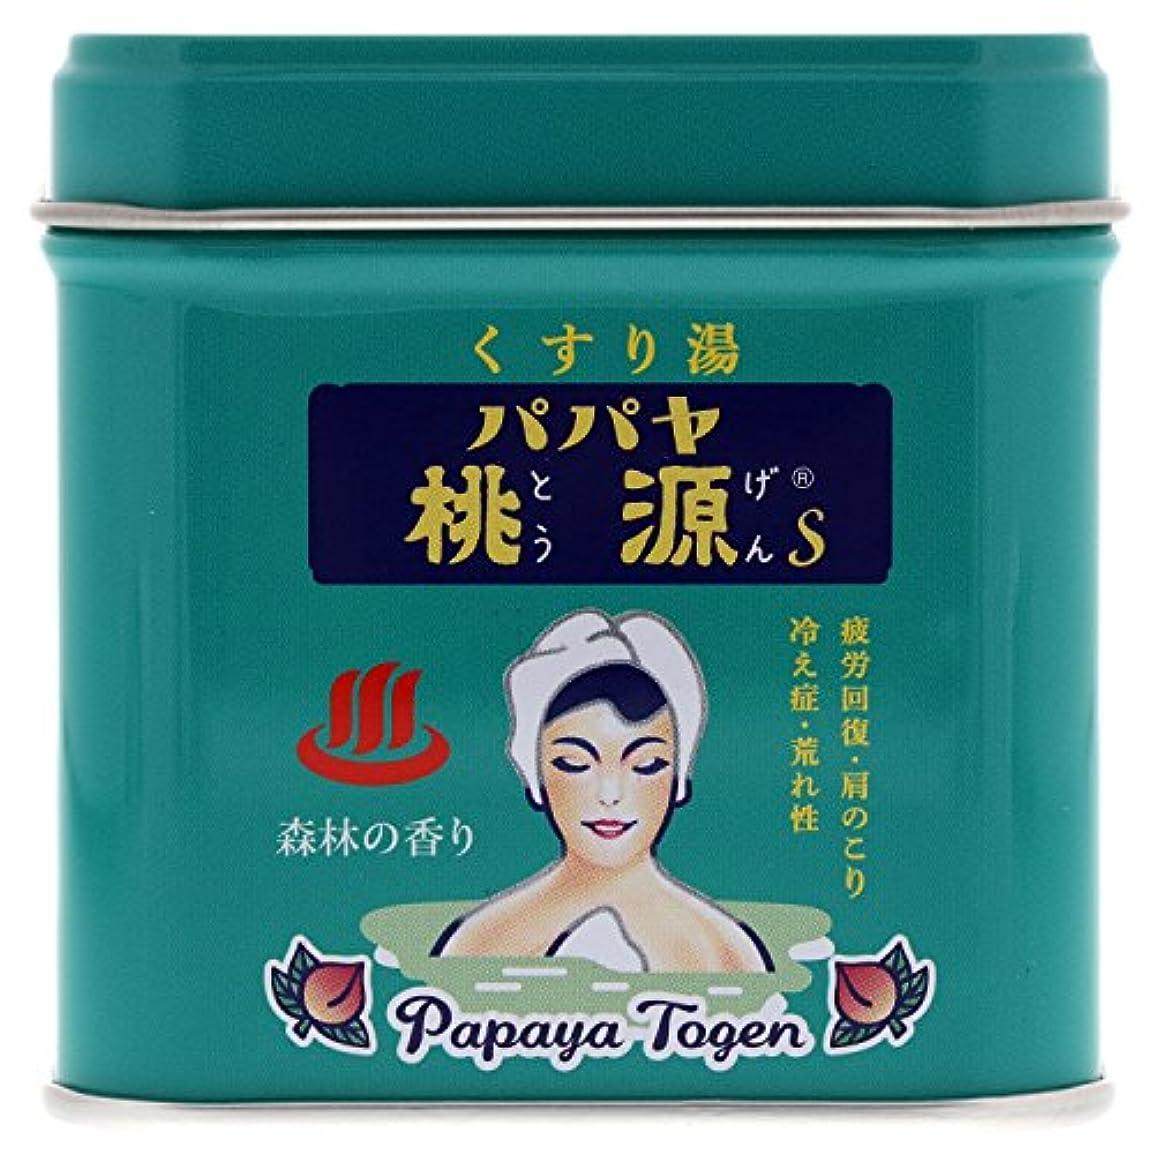 経営者マザーランド筋パパヤ桃源S 70g缶 森林の香り [医薬部外品]